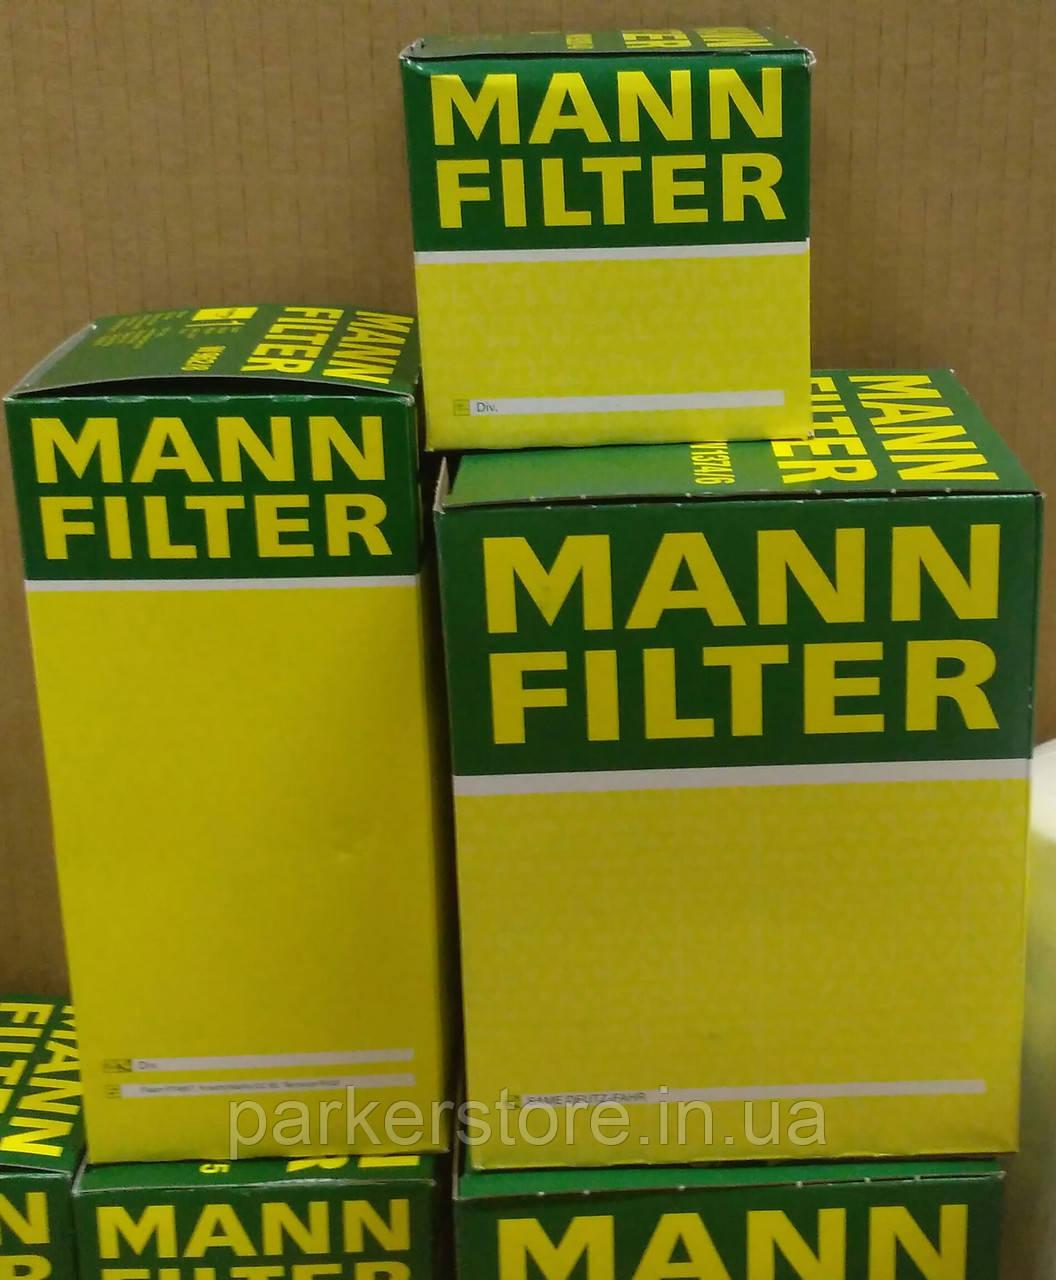 MANN FILTER / Воздушный фильтр / C 2975 / C2975